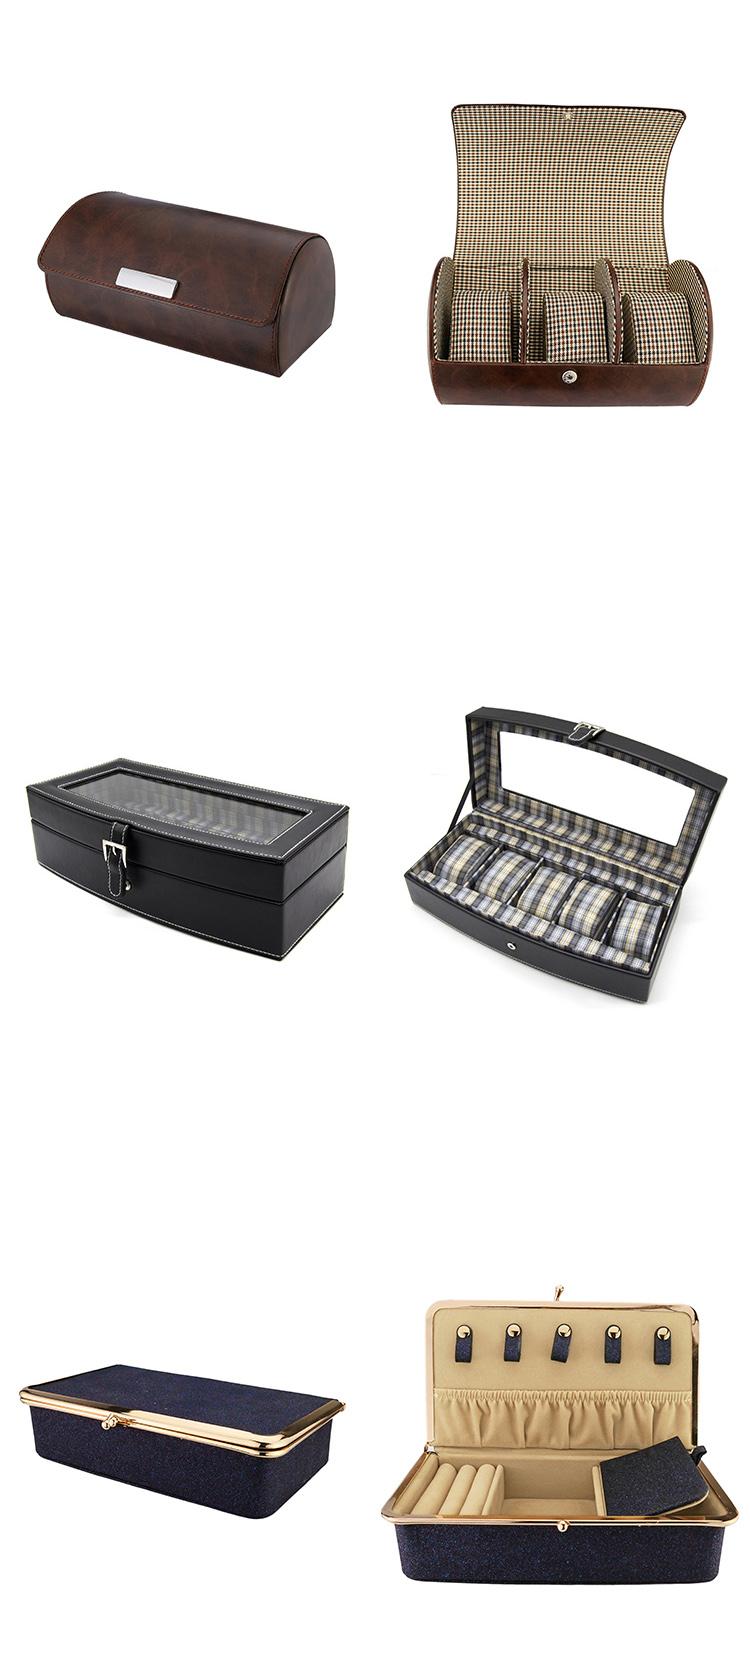 OEM 3 Slots Jewelry Organizer Box Men Watch Storage Box